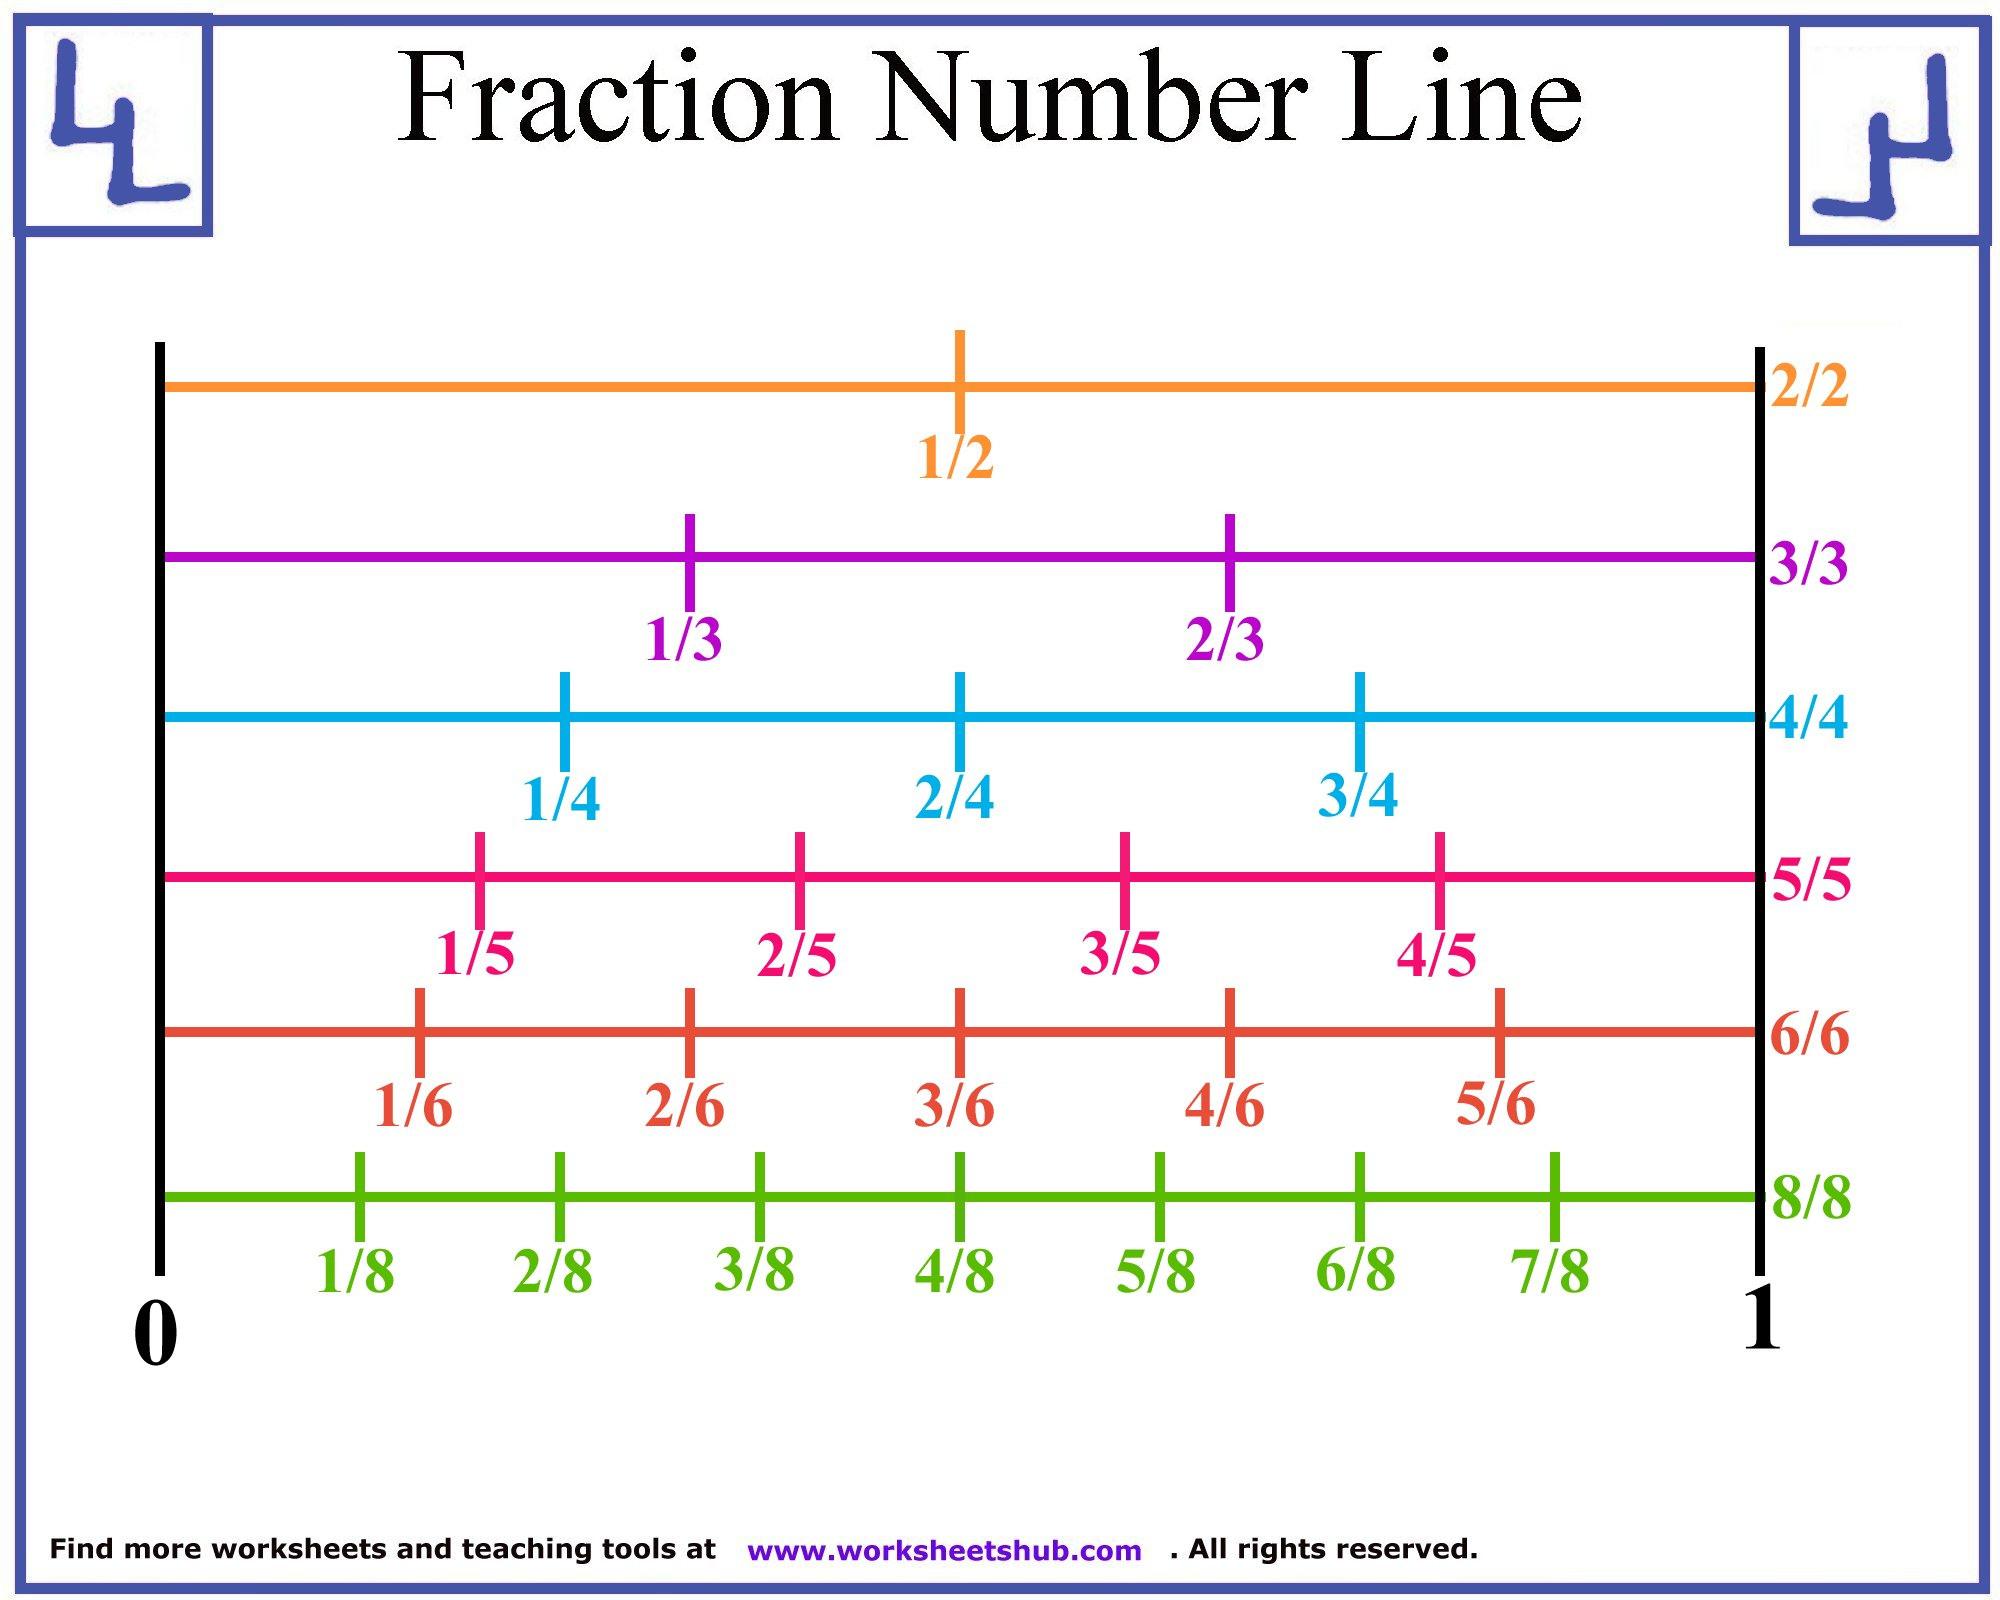 Fraction Number Line Printable Fractions On A Worksheet